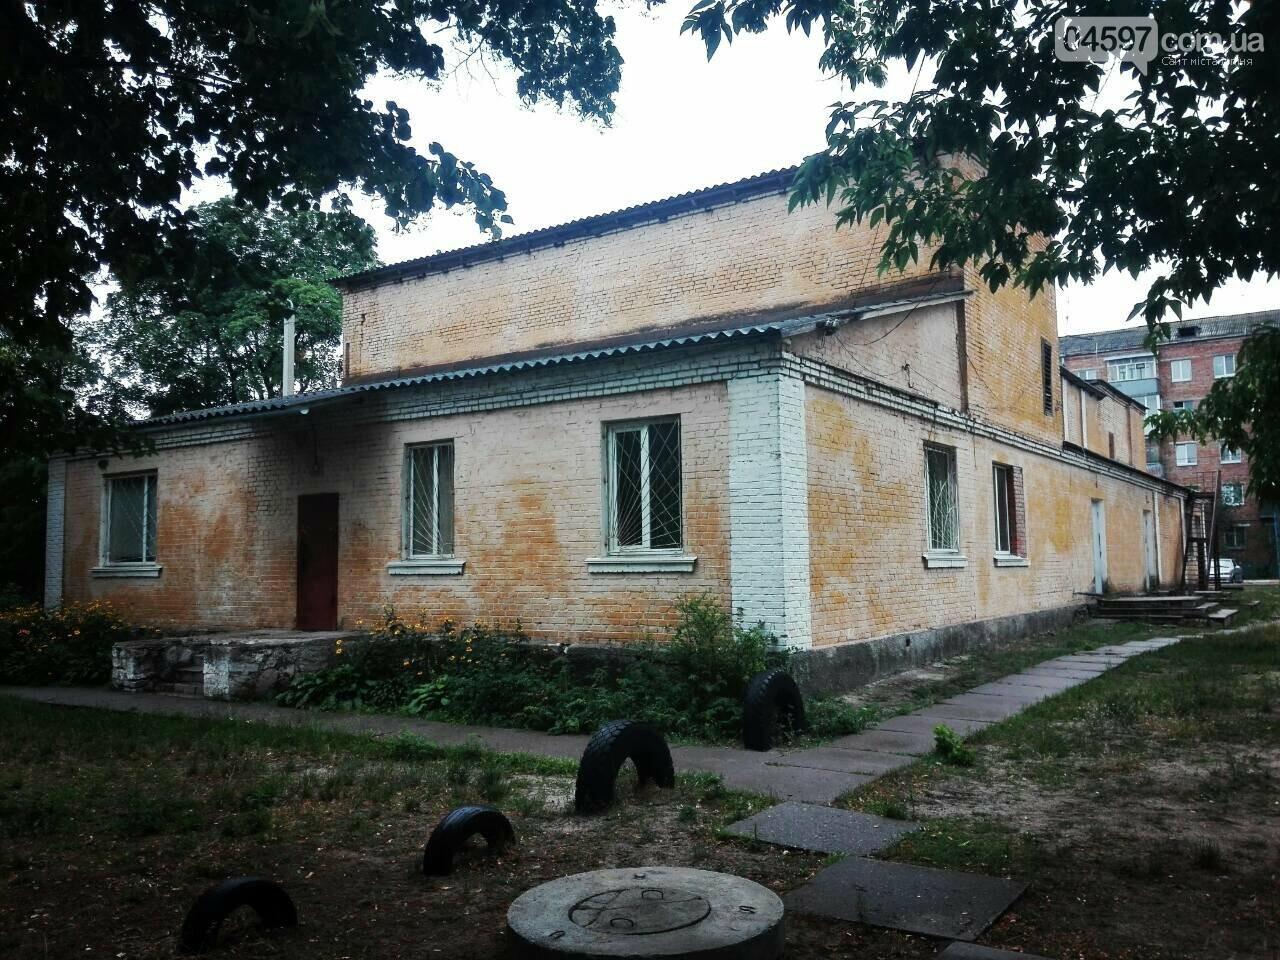 Міський будинок культури ГДК знаходиться в жахливому стані (Фото), фото-10